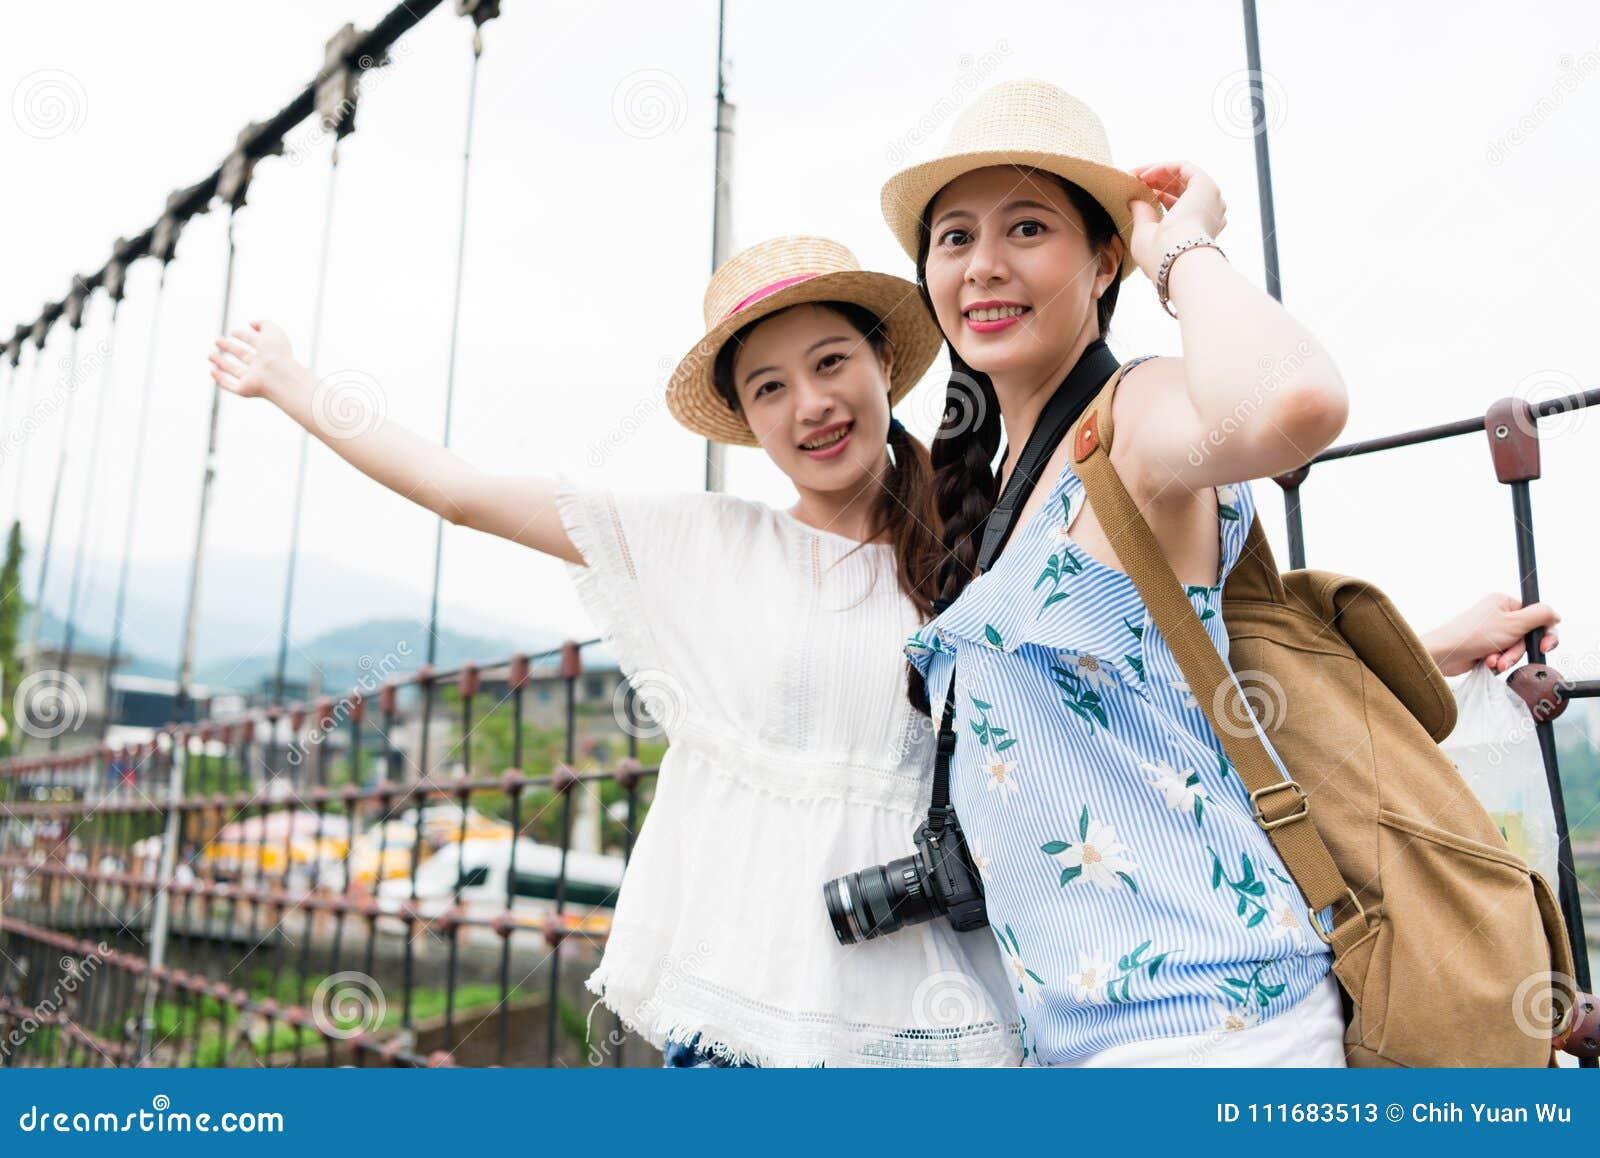 girl posing rope Asian